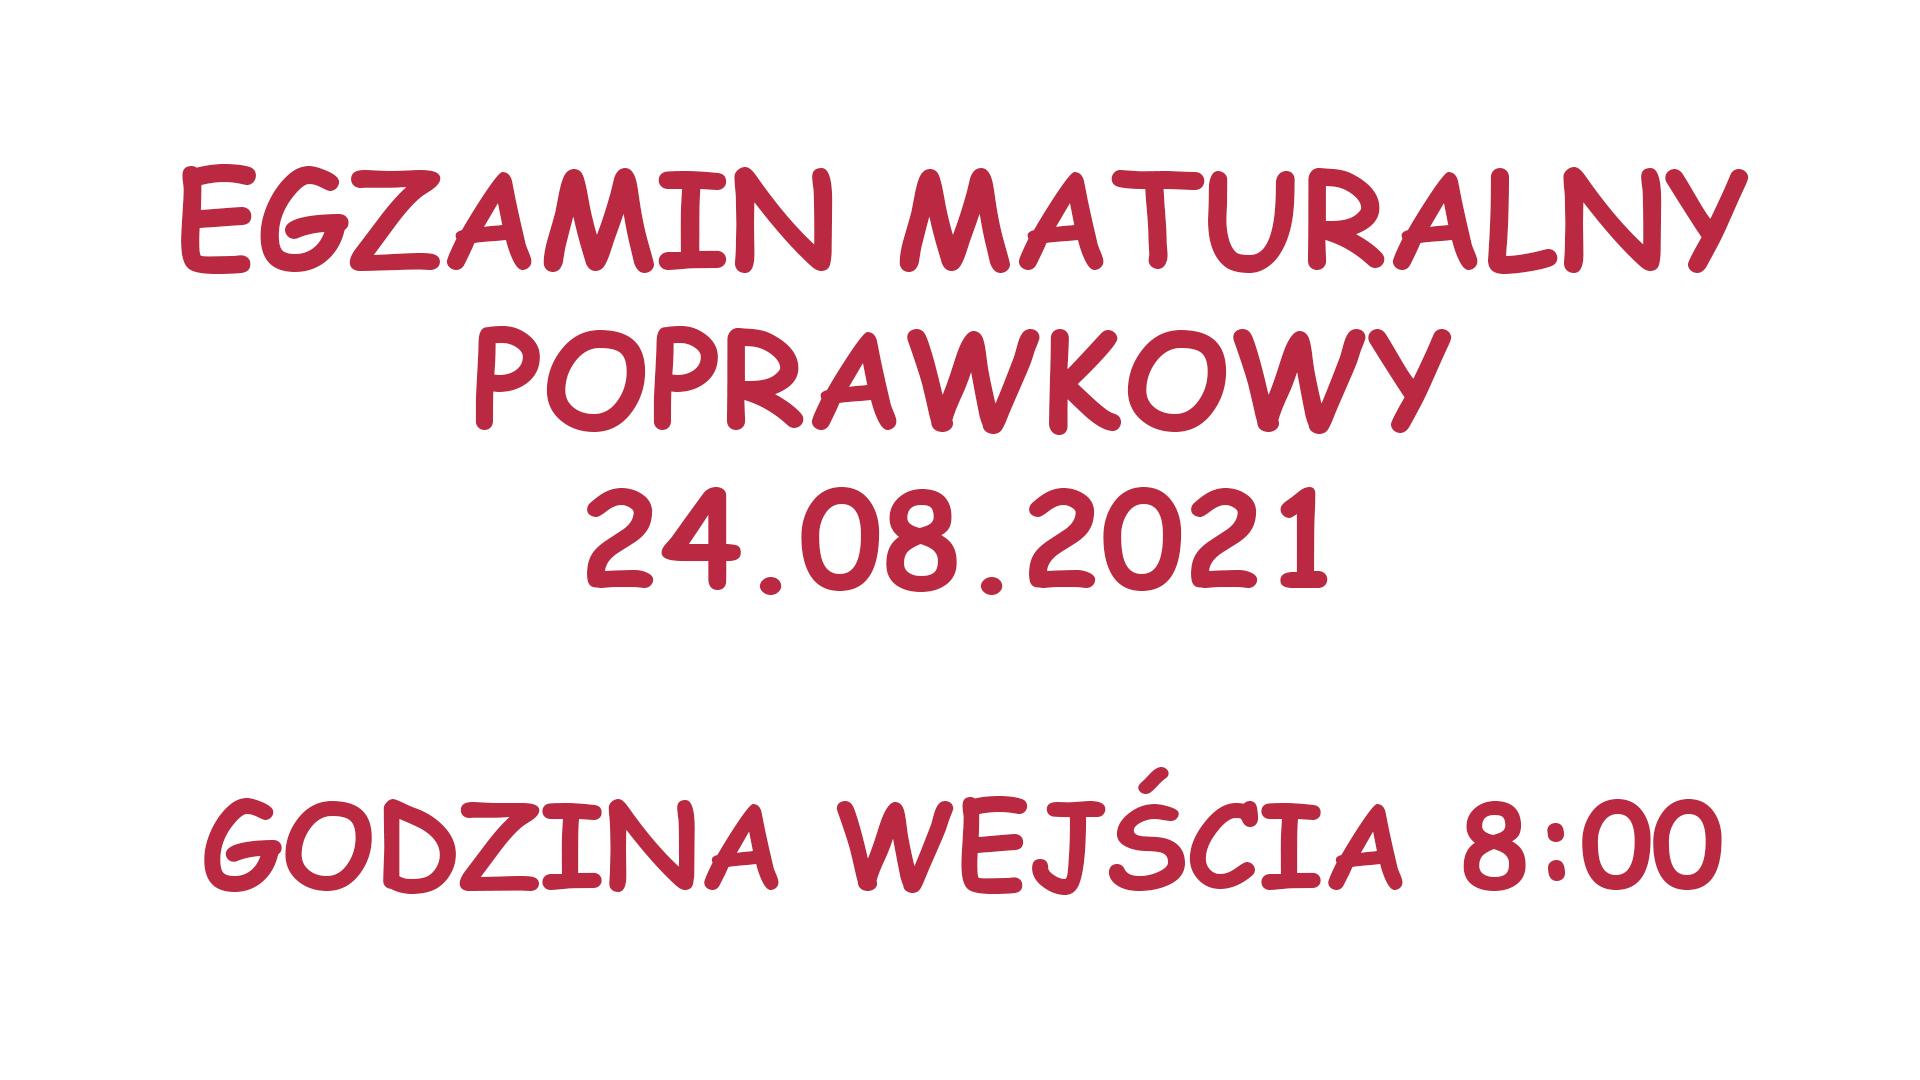 EGZAMINPOPRAWKOWY2021 (1)